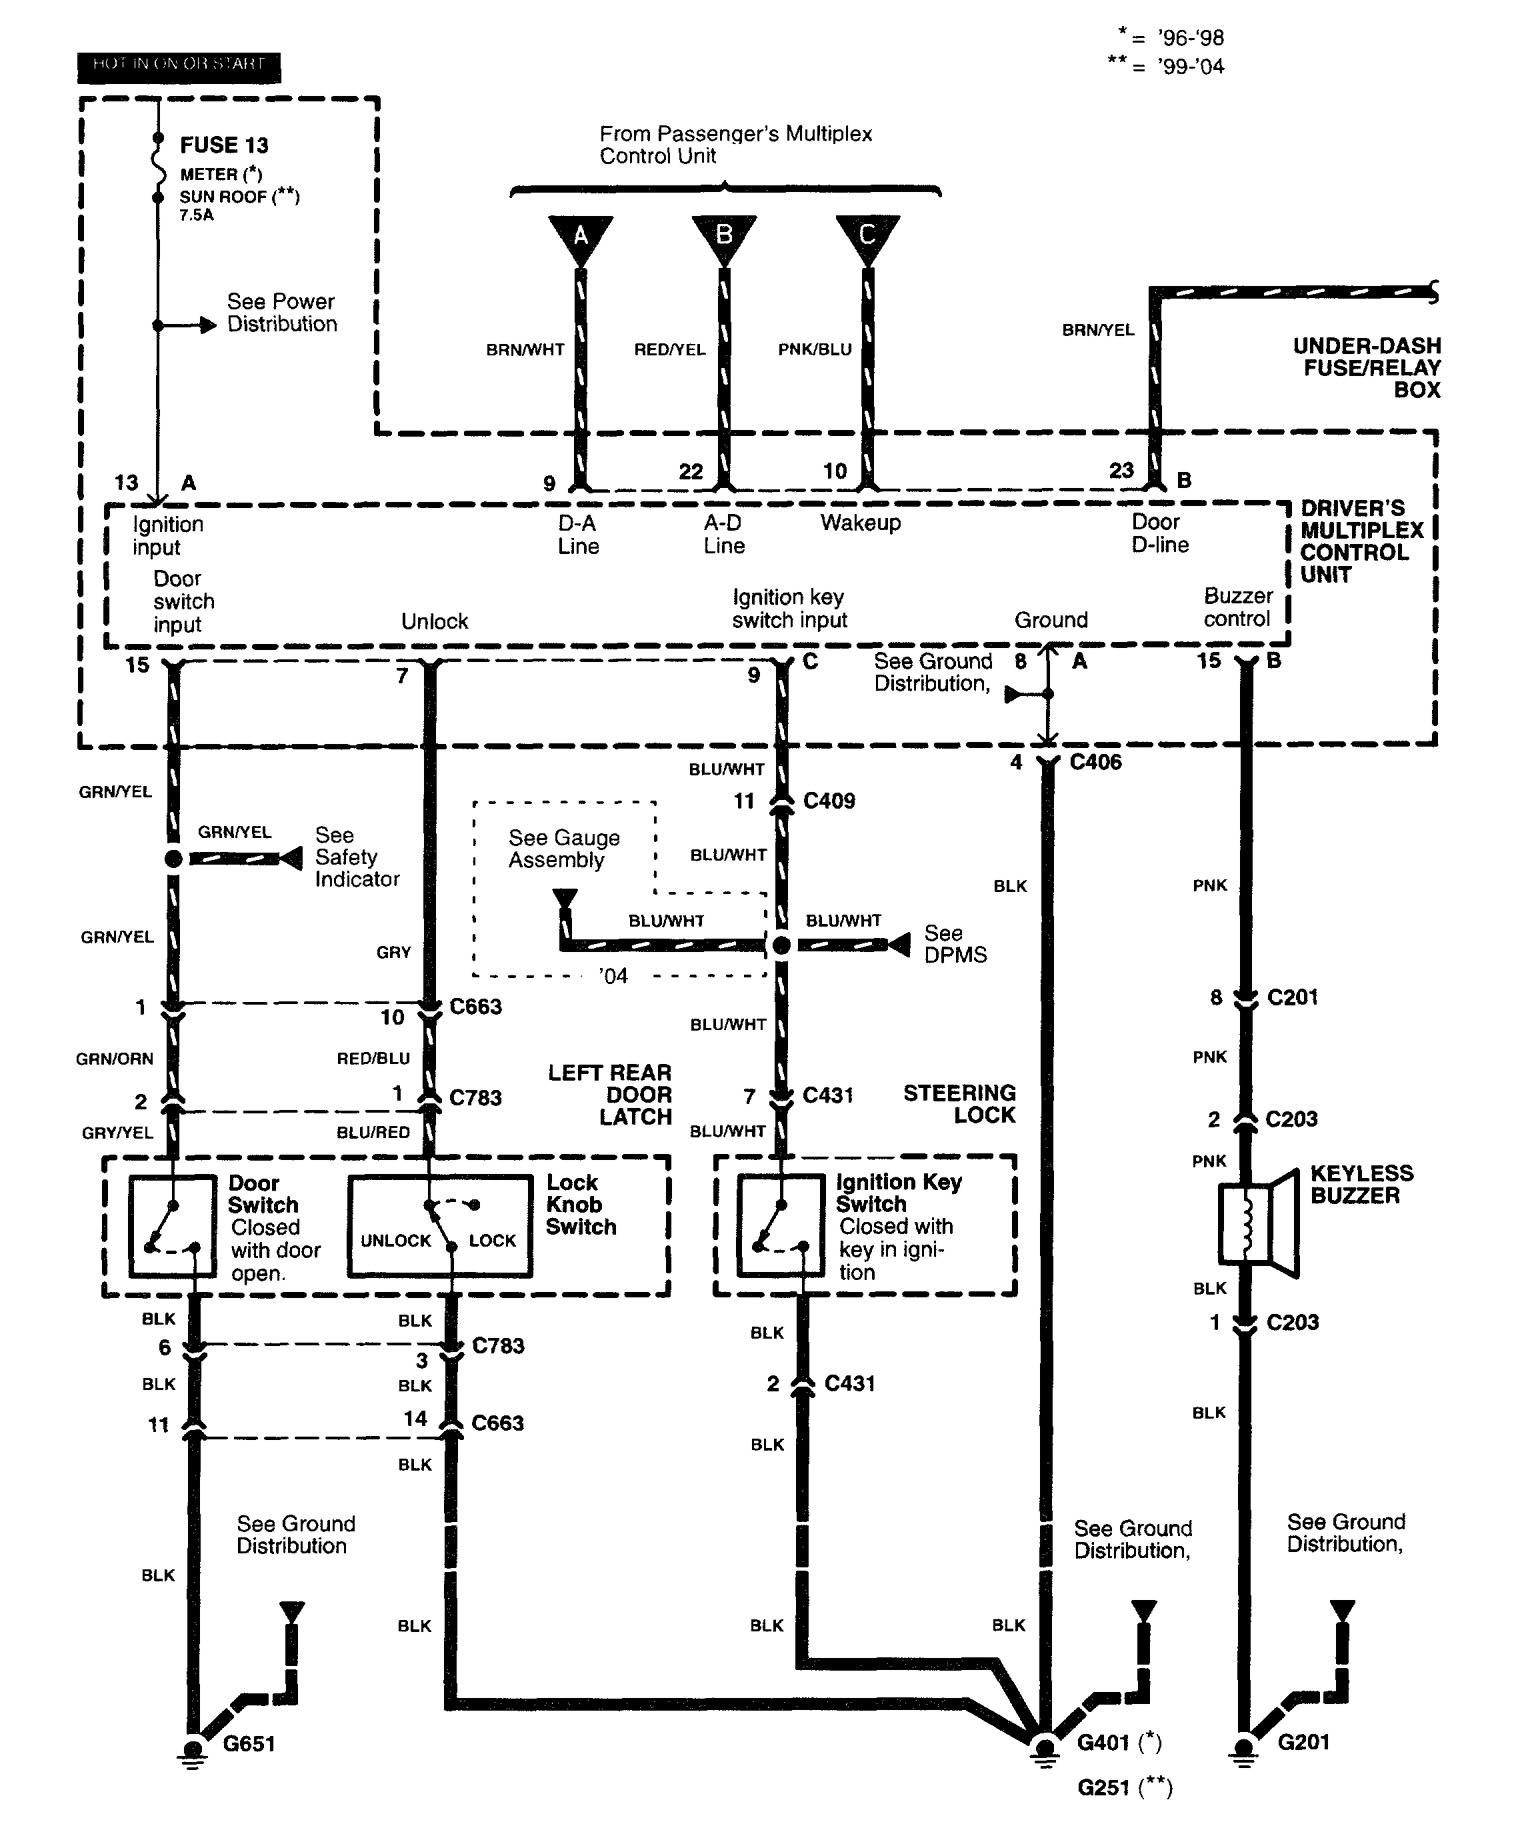 hhr starter wiring diagram